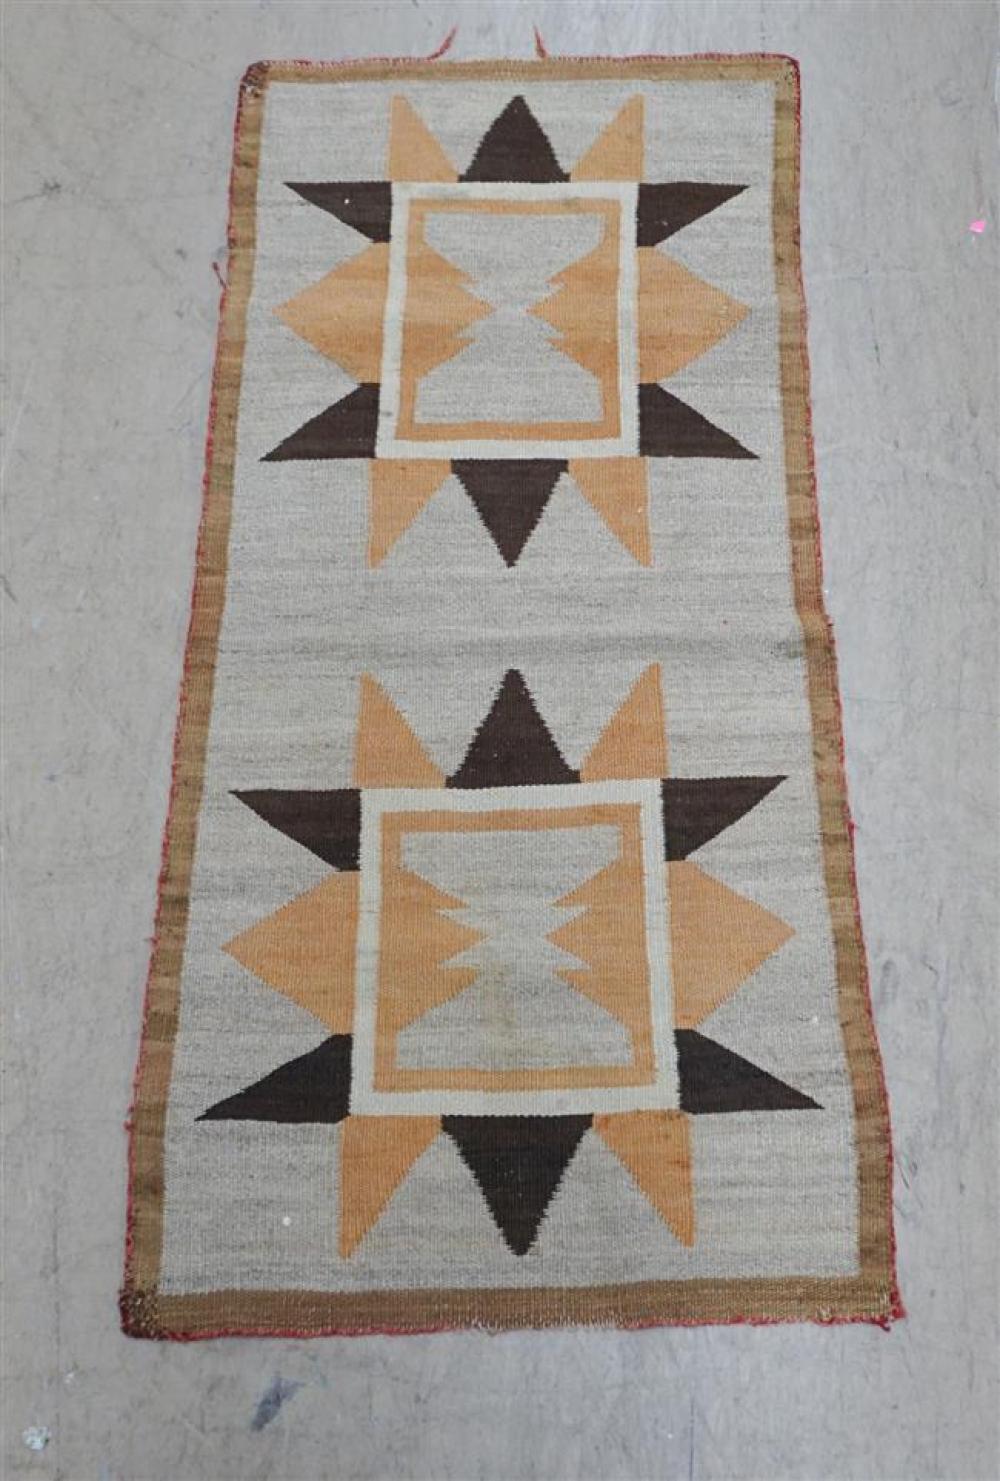 Navajo 'Double Star' Weaving, 3 ft 11 in x 1 ft 10 in